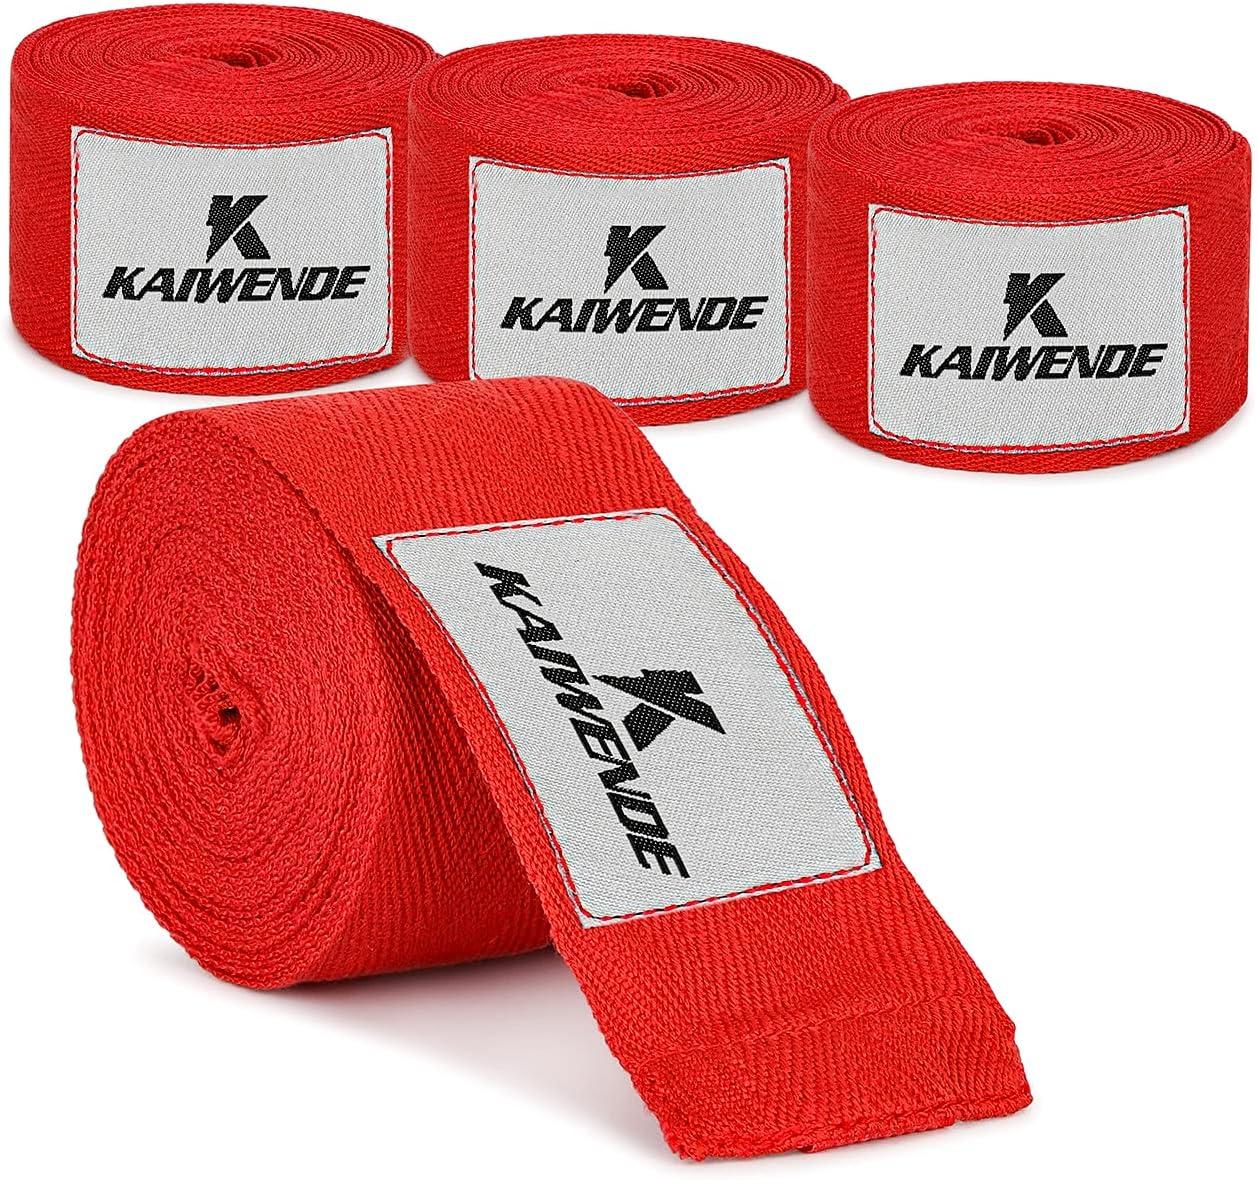 Discount mail order San Jose Mall KAIWENDE 2 Pair 4 Wraps-2''x200' PCS Boxing Hand